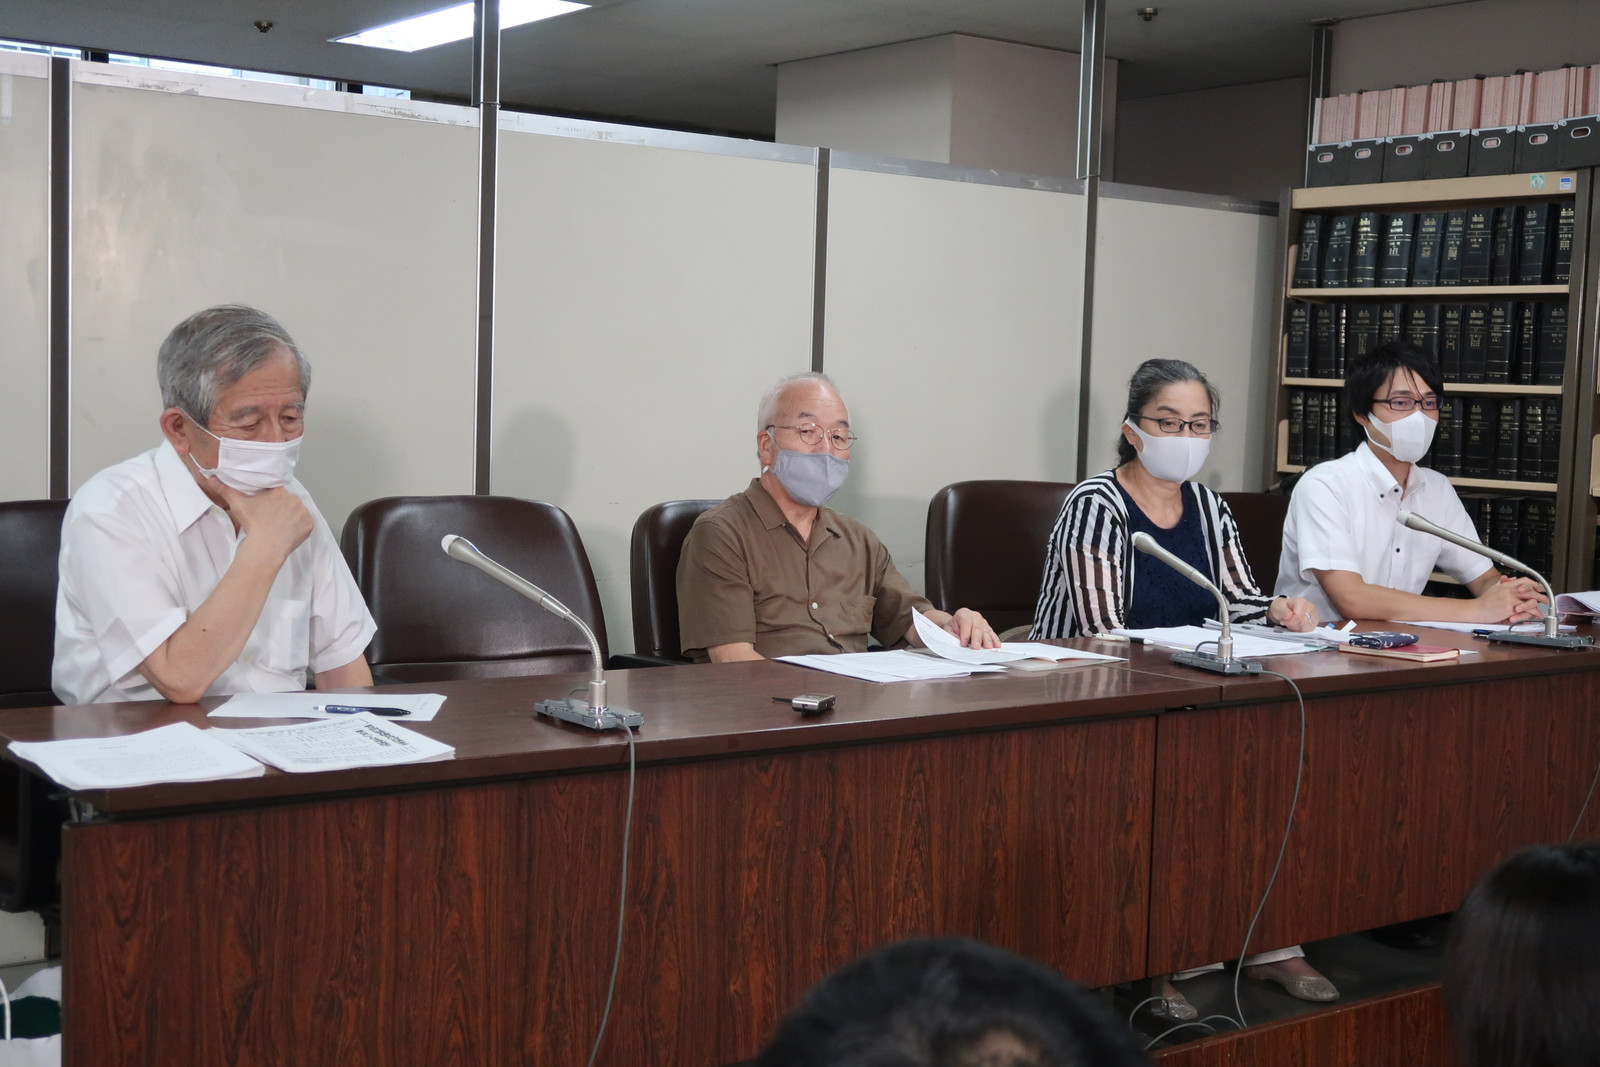 弁論後に会見する(右から)大住広太、淵脇みどり両弁護士、中野幸則原告団長ら